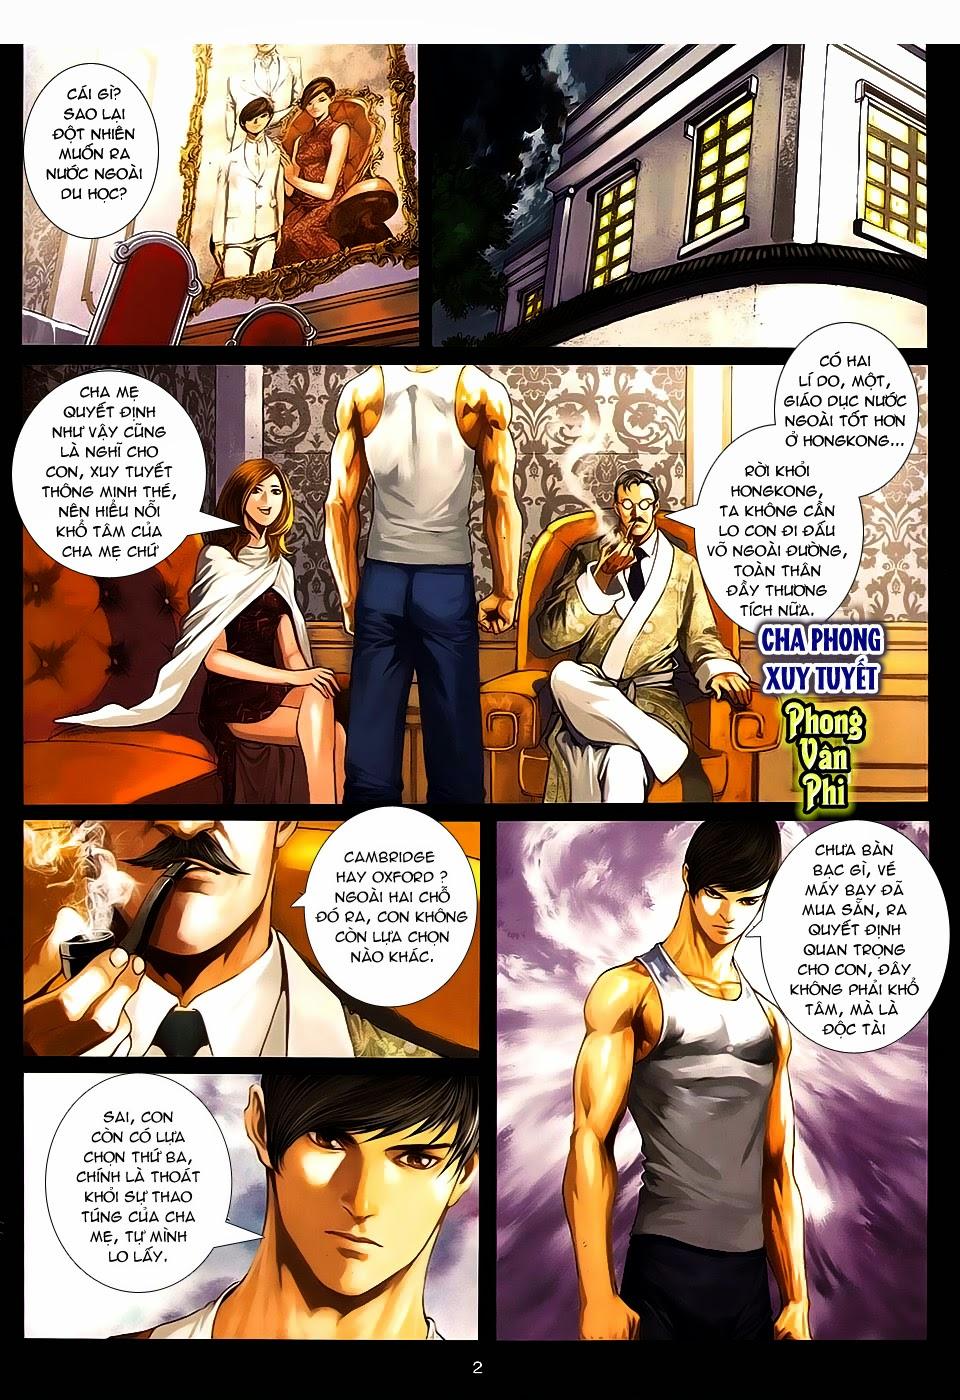 Quyền Đạo chapter 8 trang 2